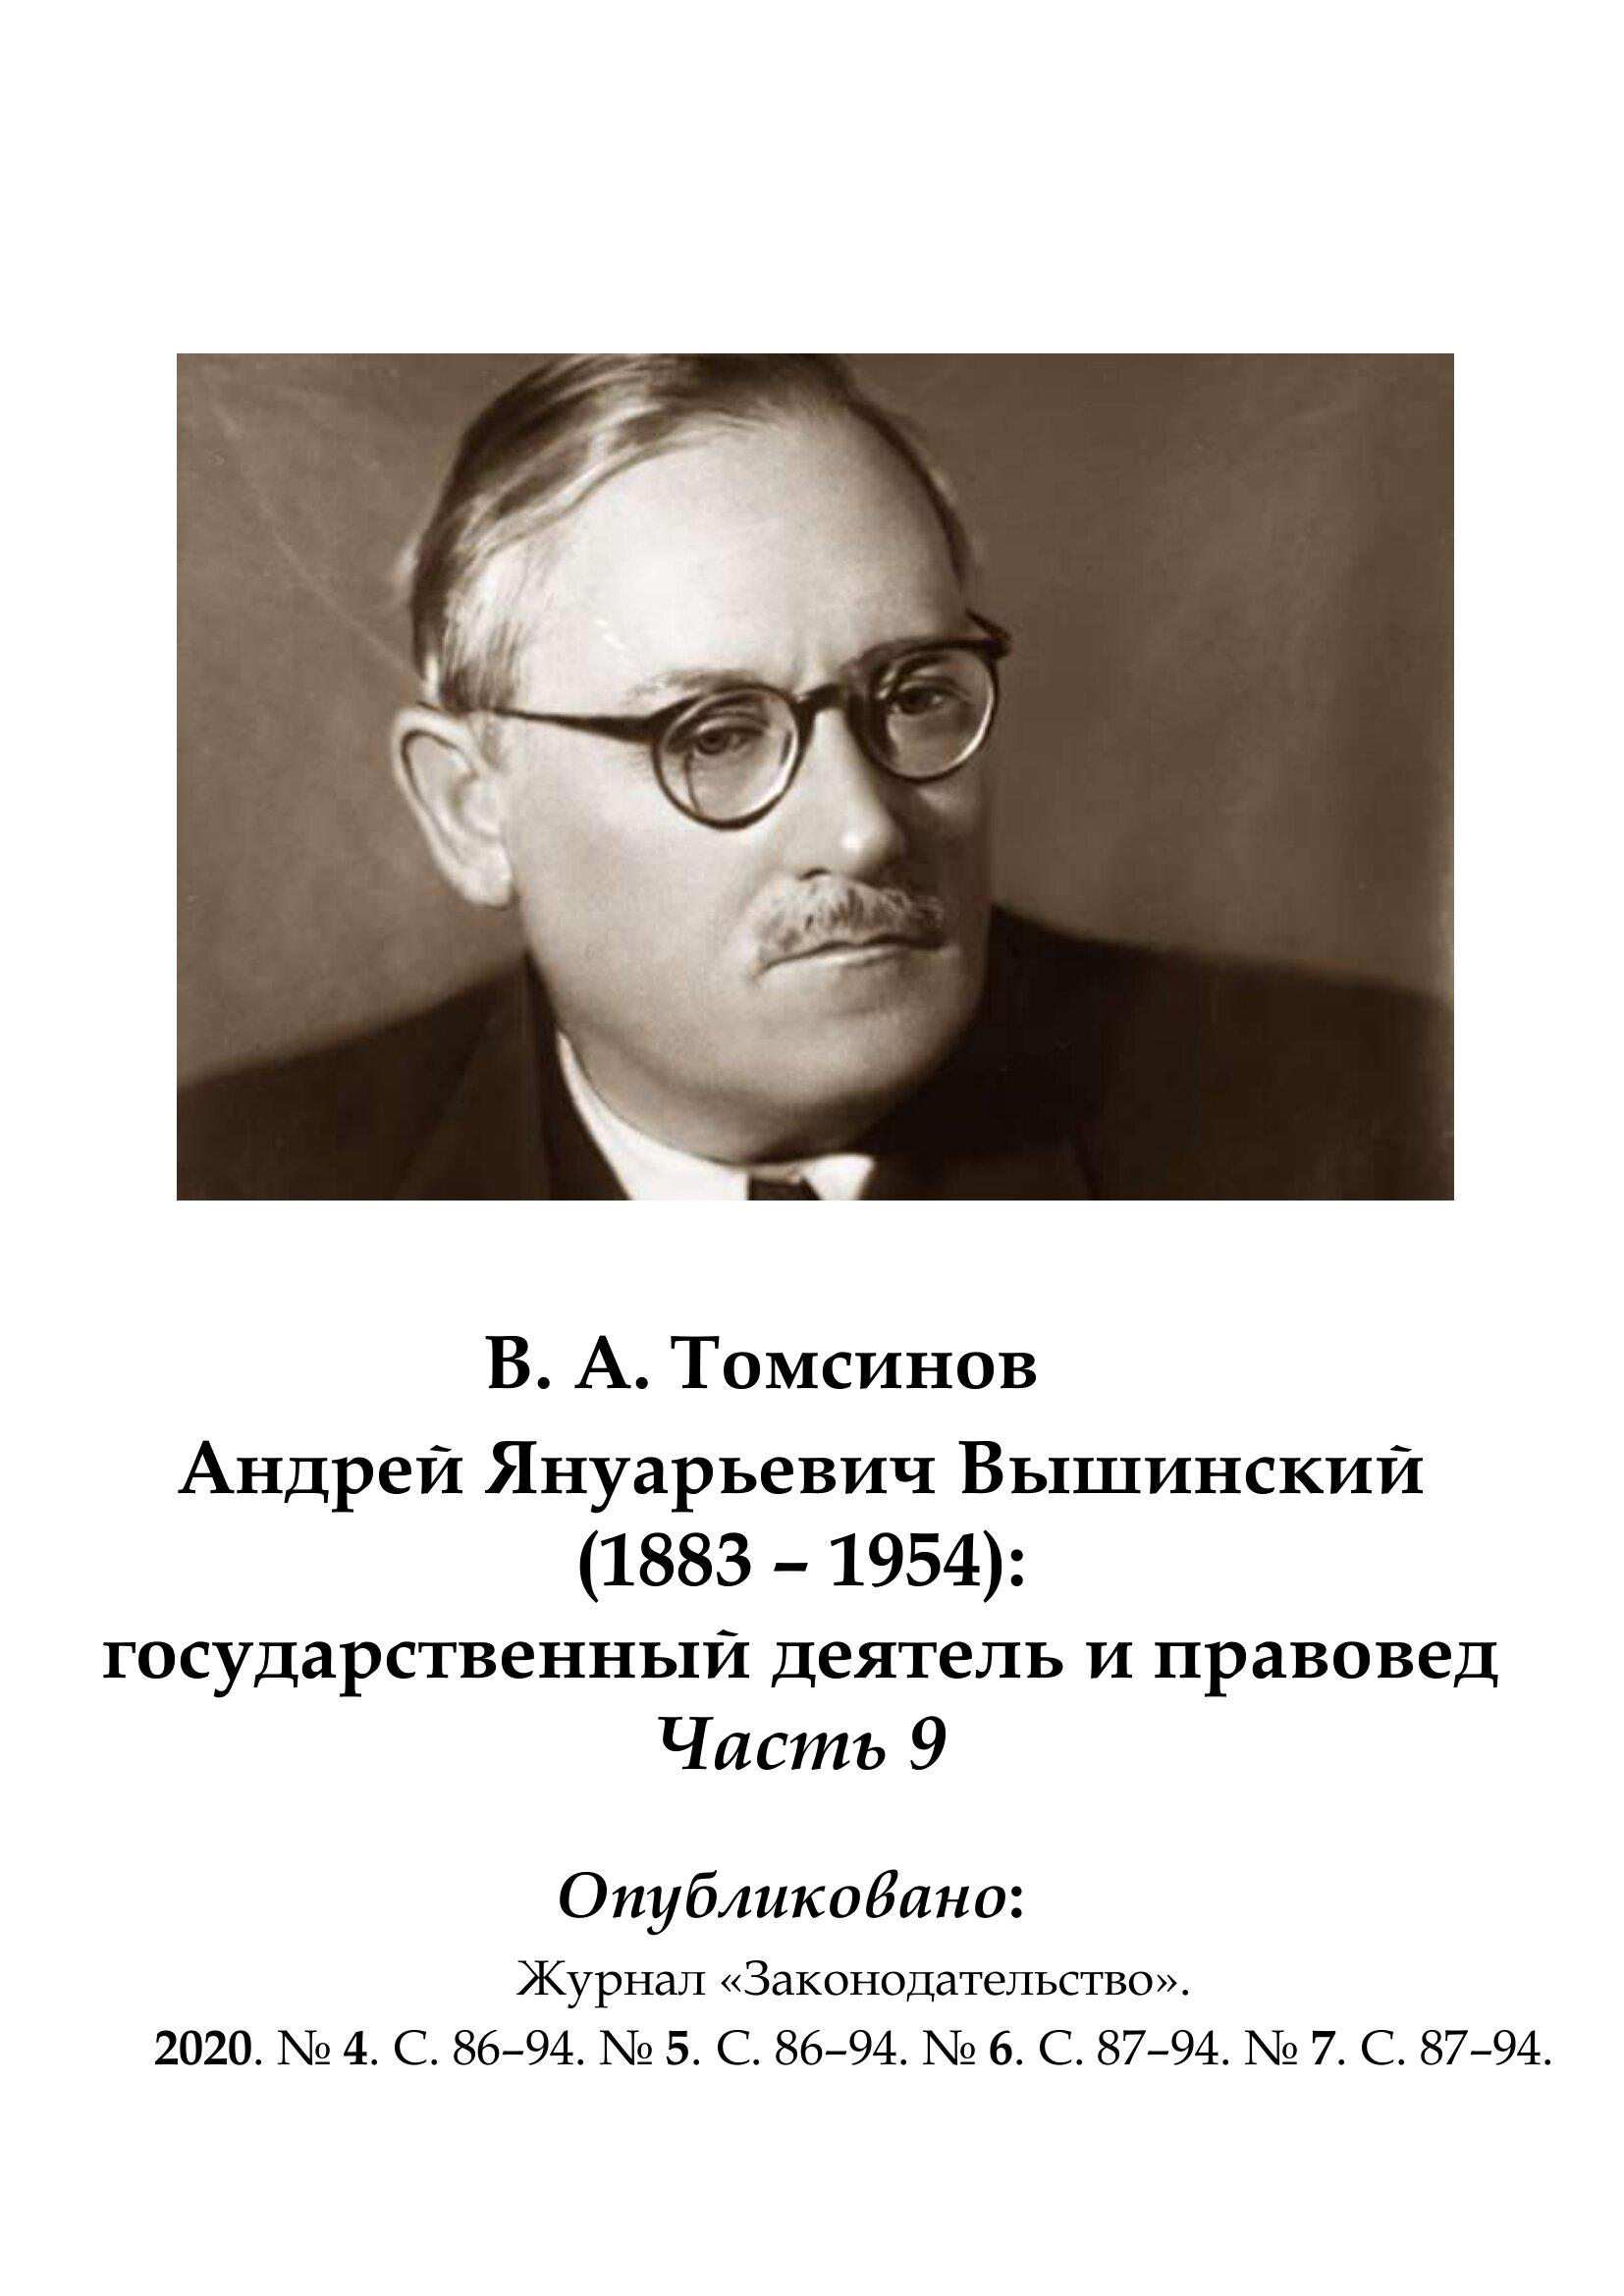 Томсинов В.А. Вышинский. Часть 9